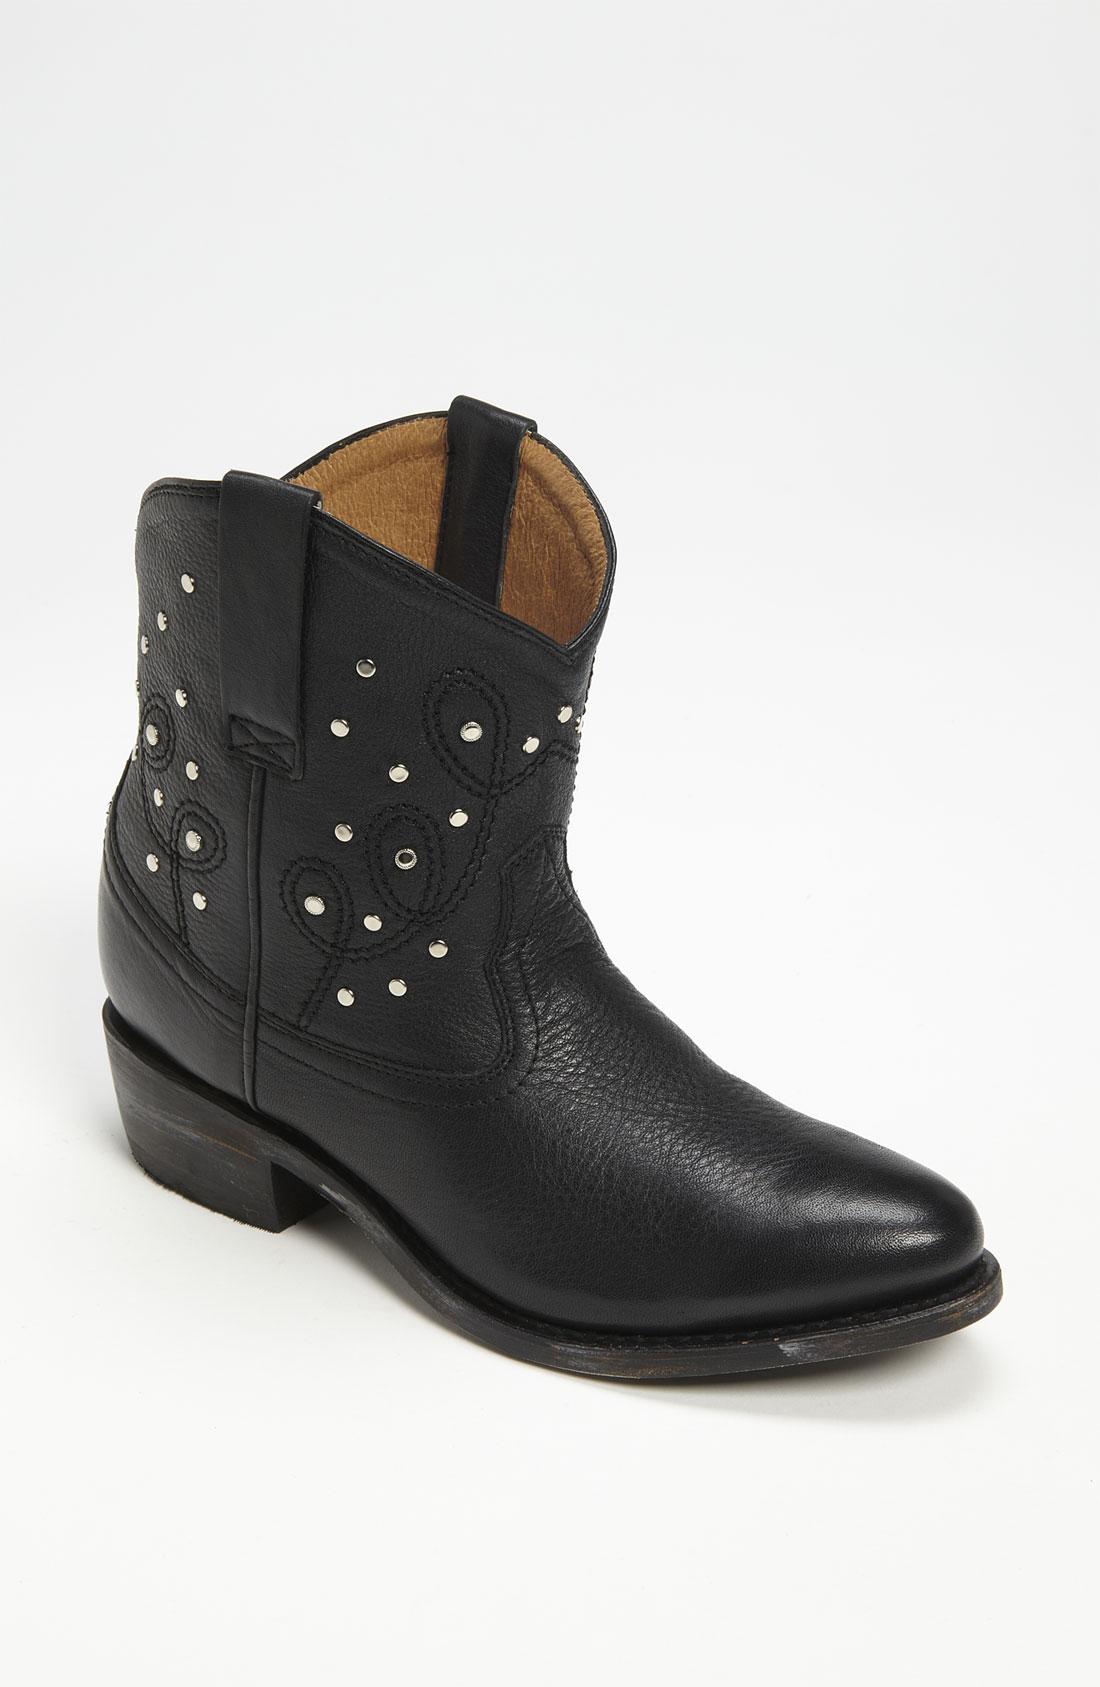 Miz Mooz Miz Mooz Cozumel Boot In Black Black Leather